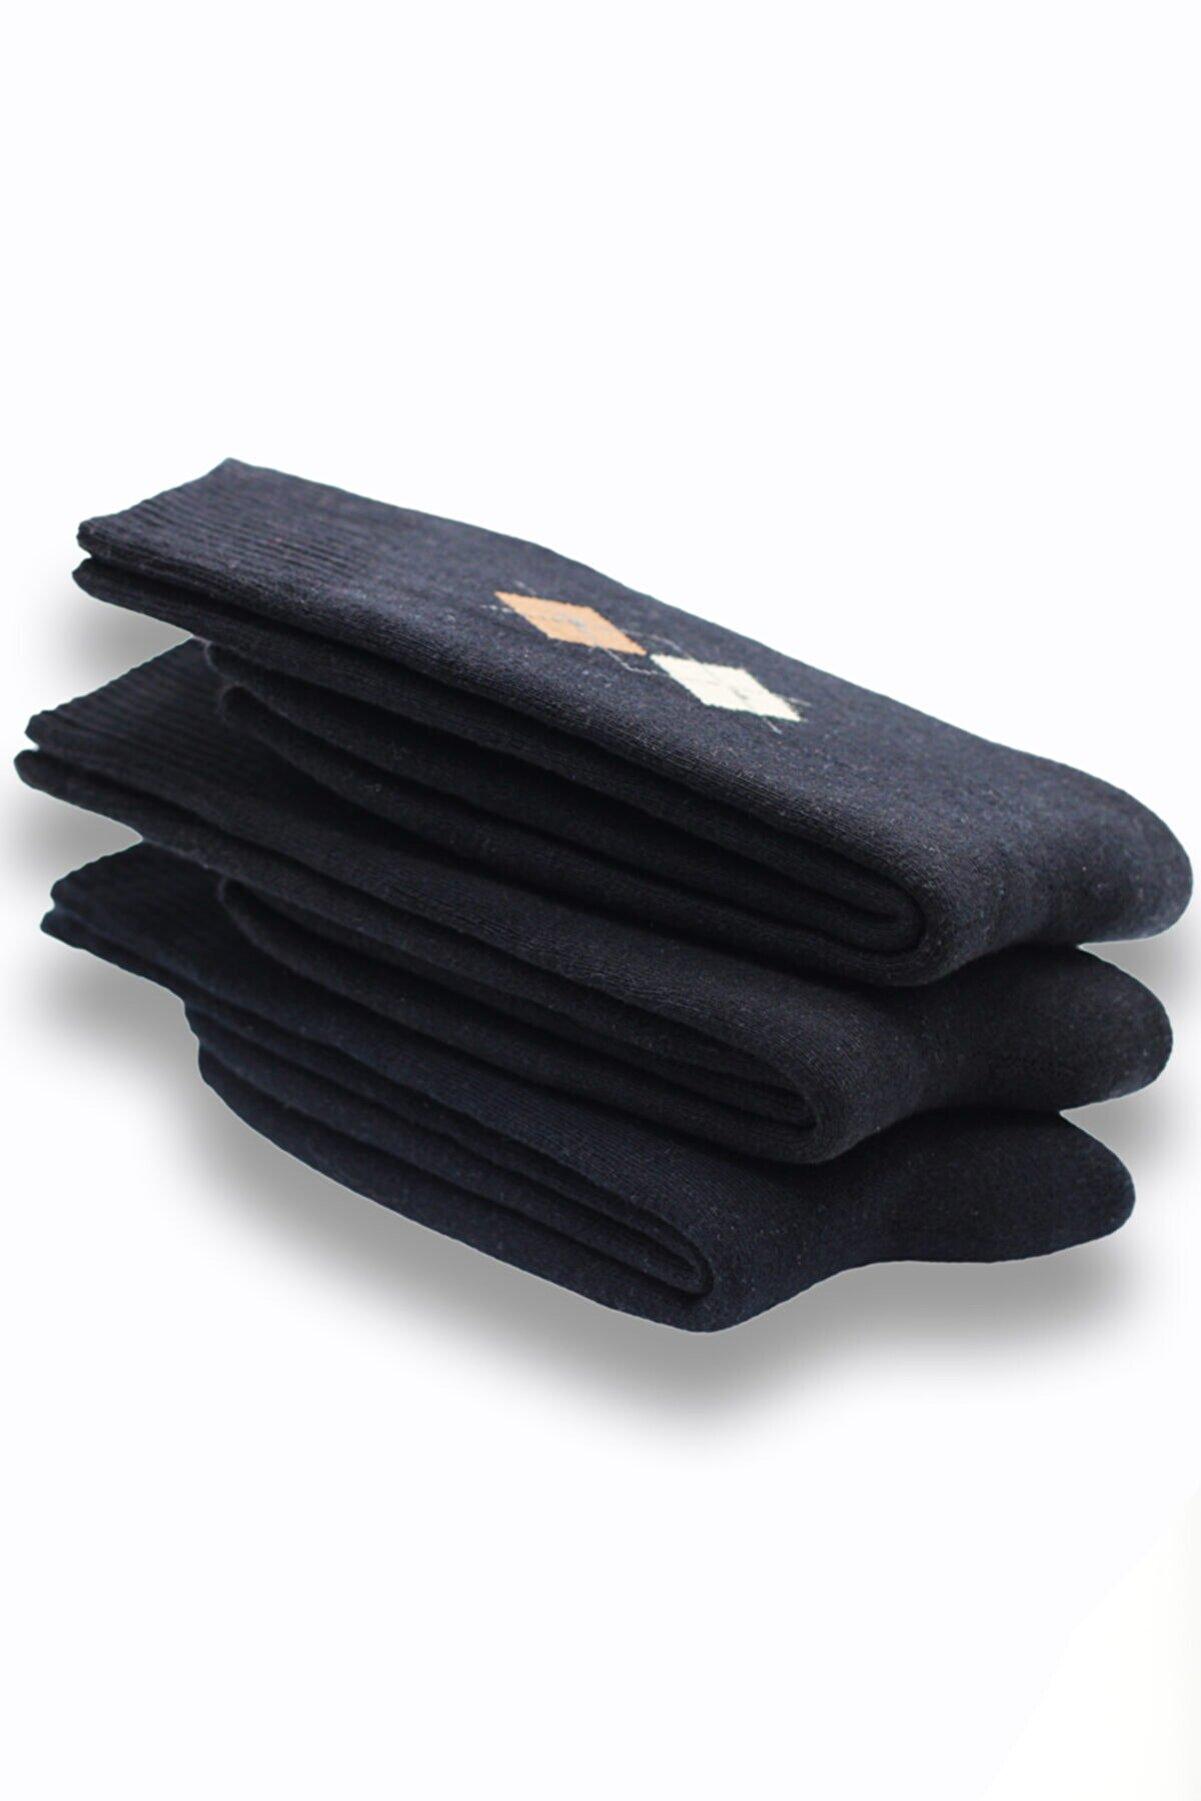 topsocks Erkek 3'lü Havlu Soket